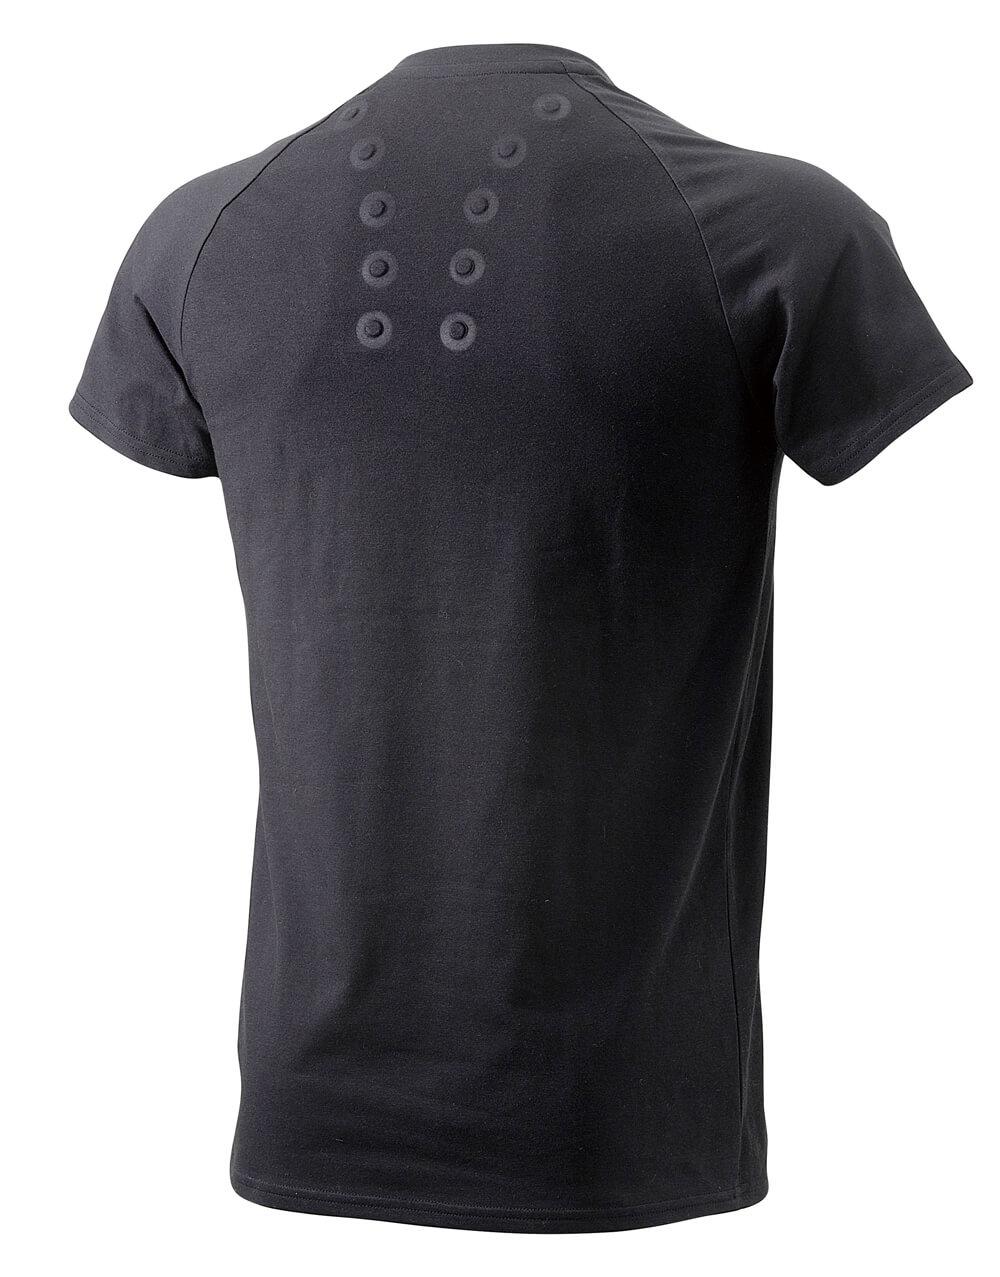 コラントッテ レスノ マグケアシャツ Vネック T(ブラック Back)